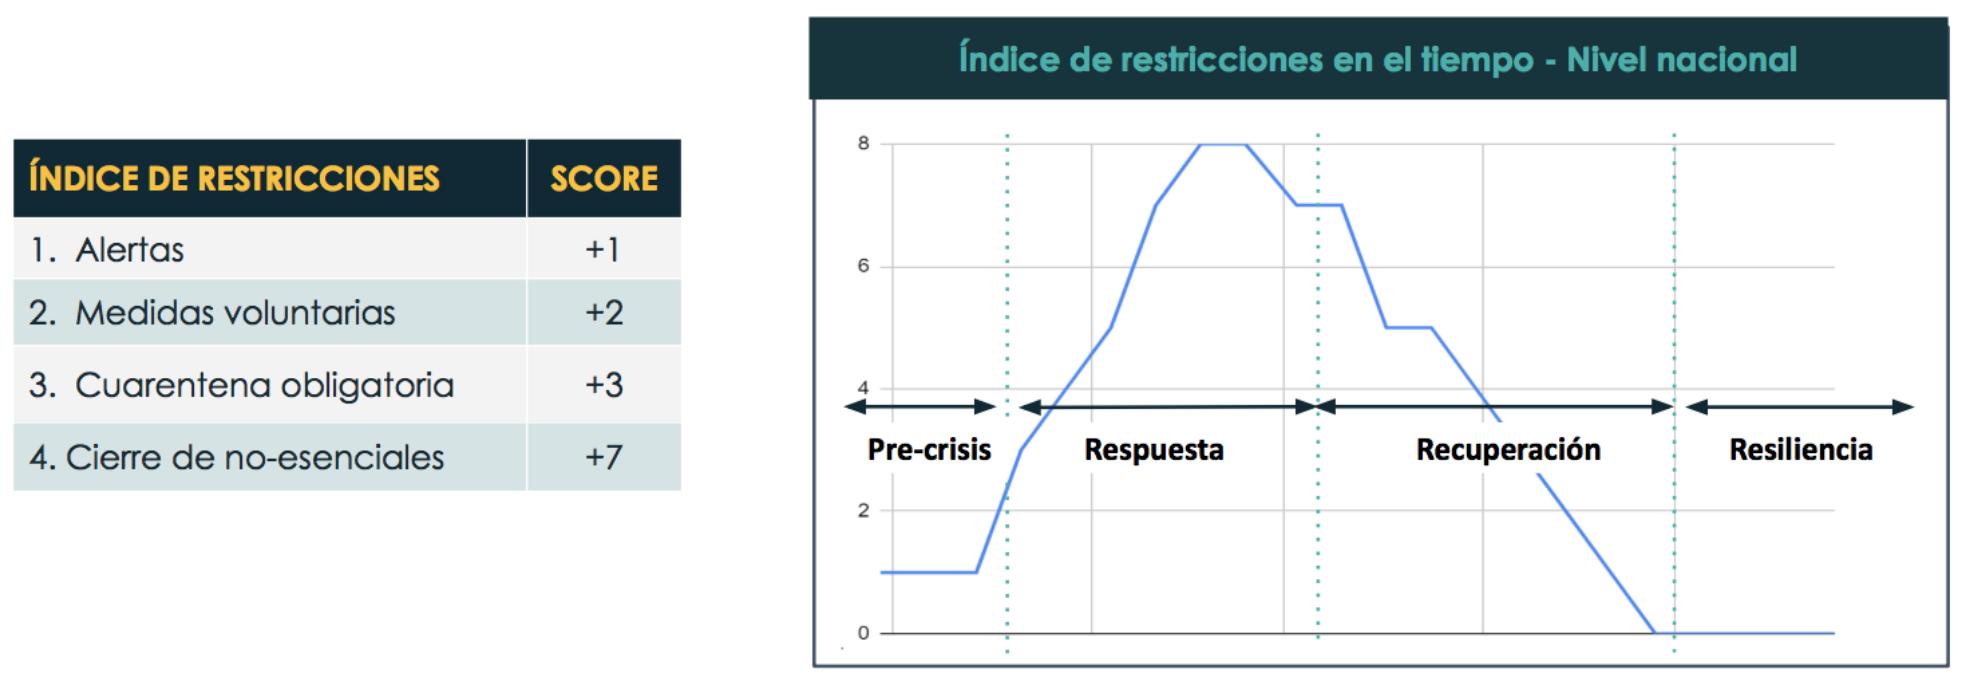 Figura 2. Ejemplo del rastreo de movimiento entre fases usando datos sobre restricciones